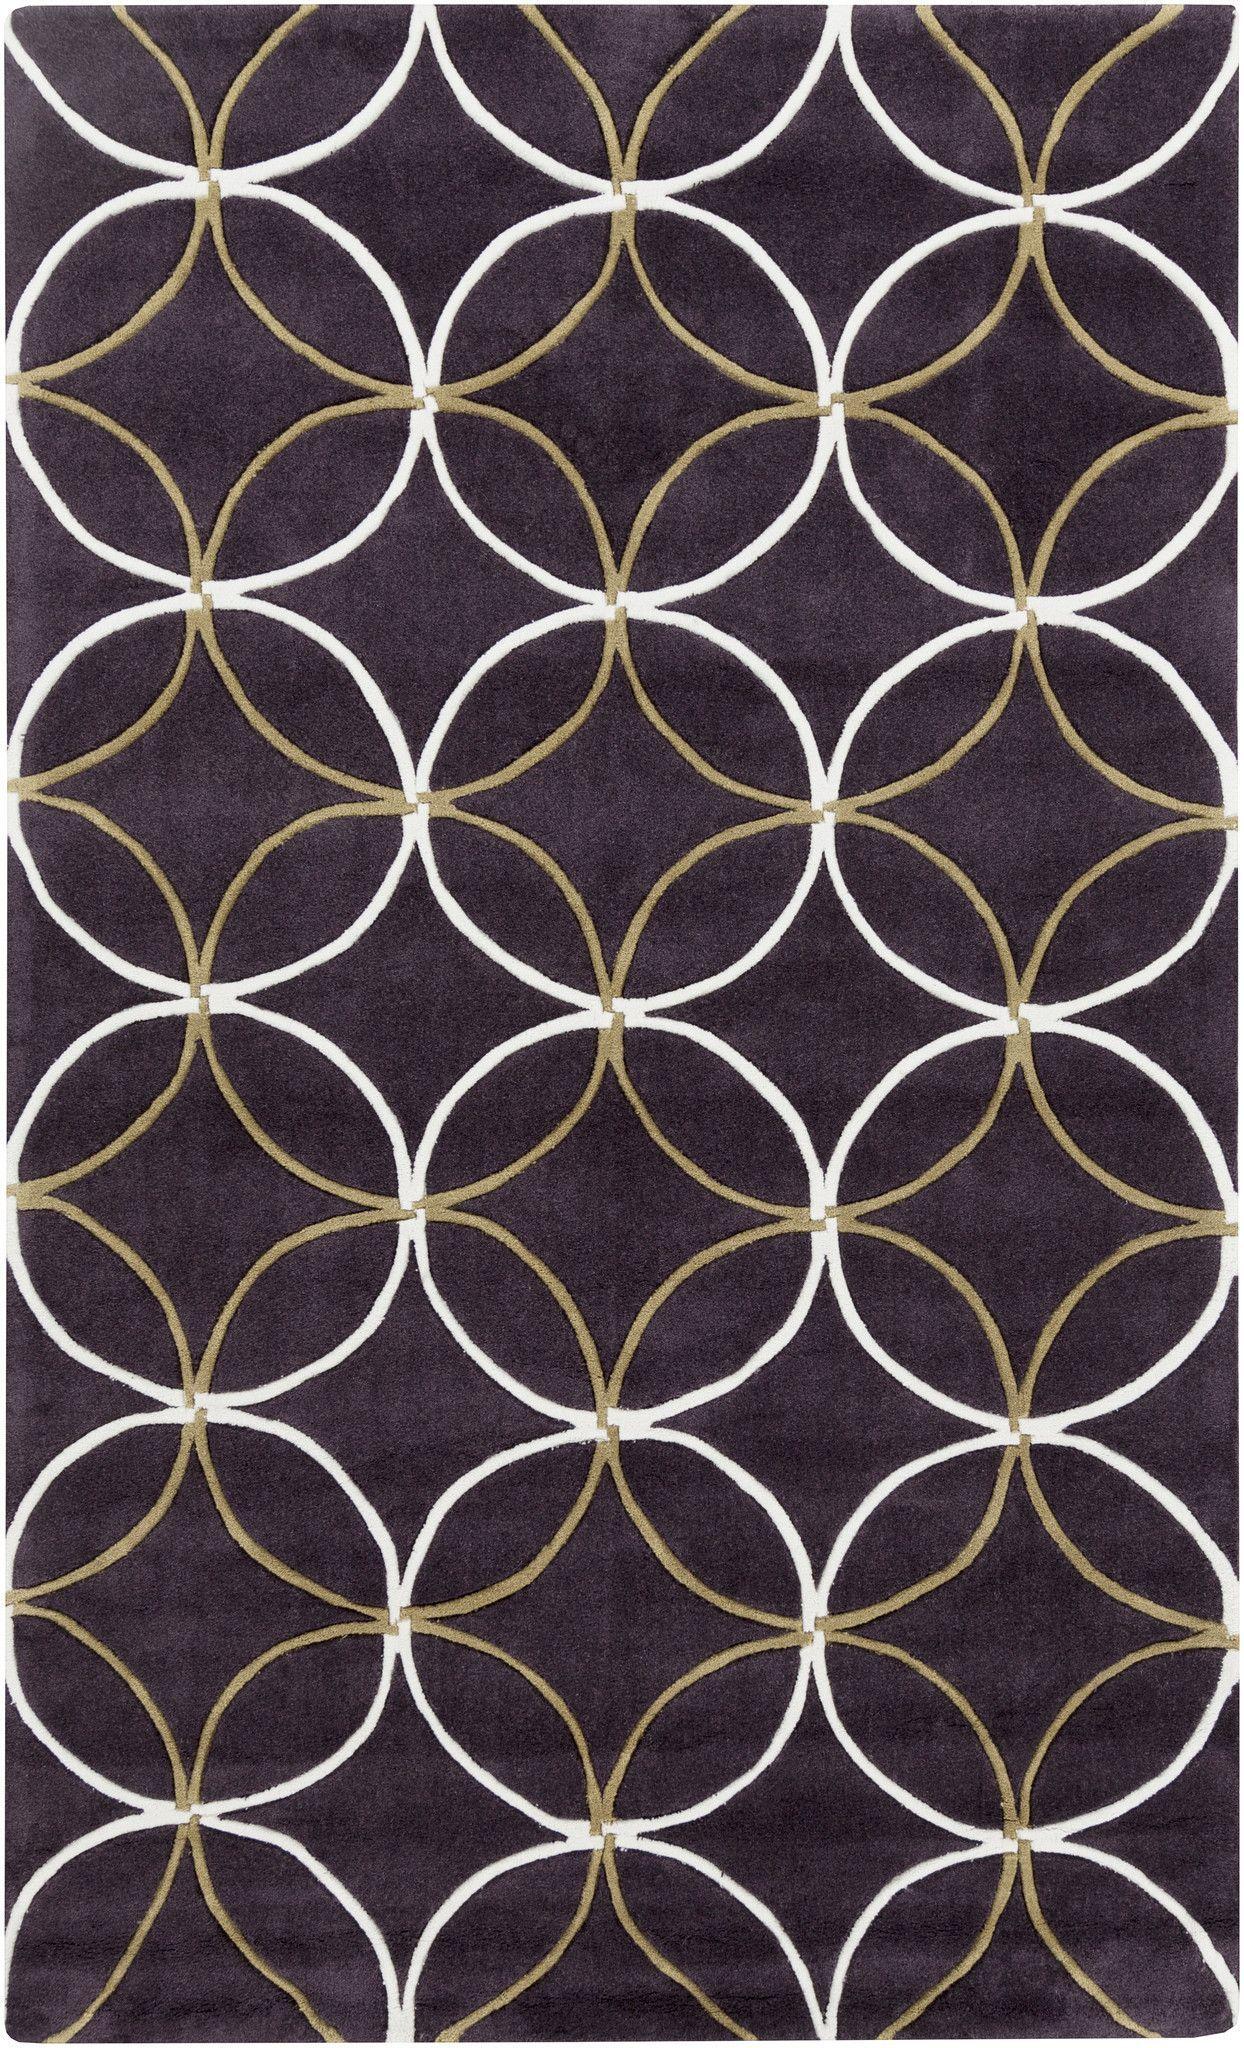 Surya COS9191 Cosmopolitan Purple Rectangle Area Rug